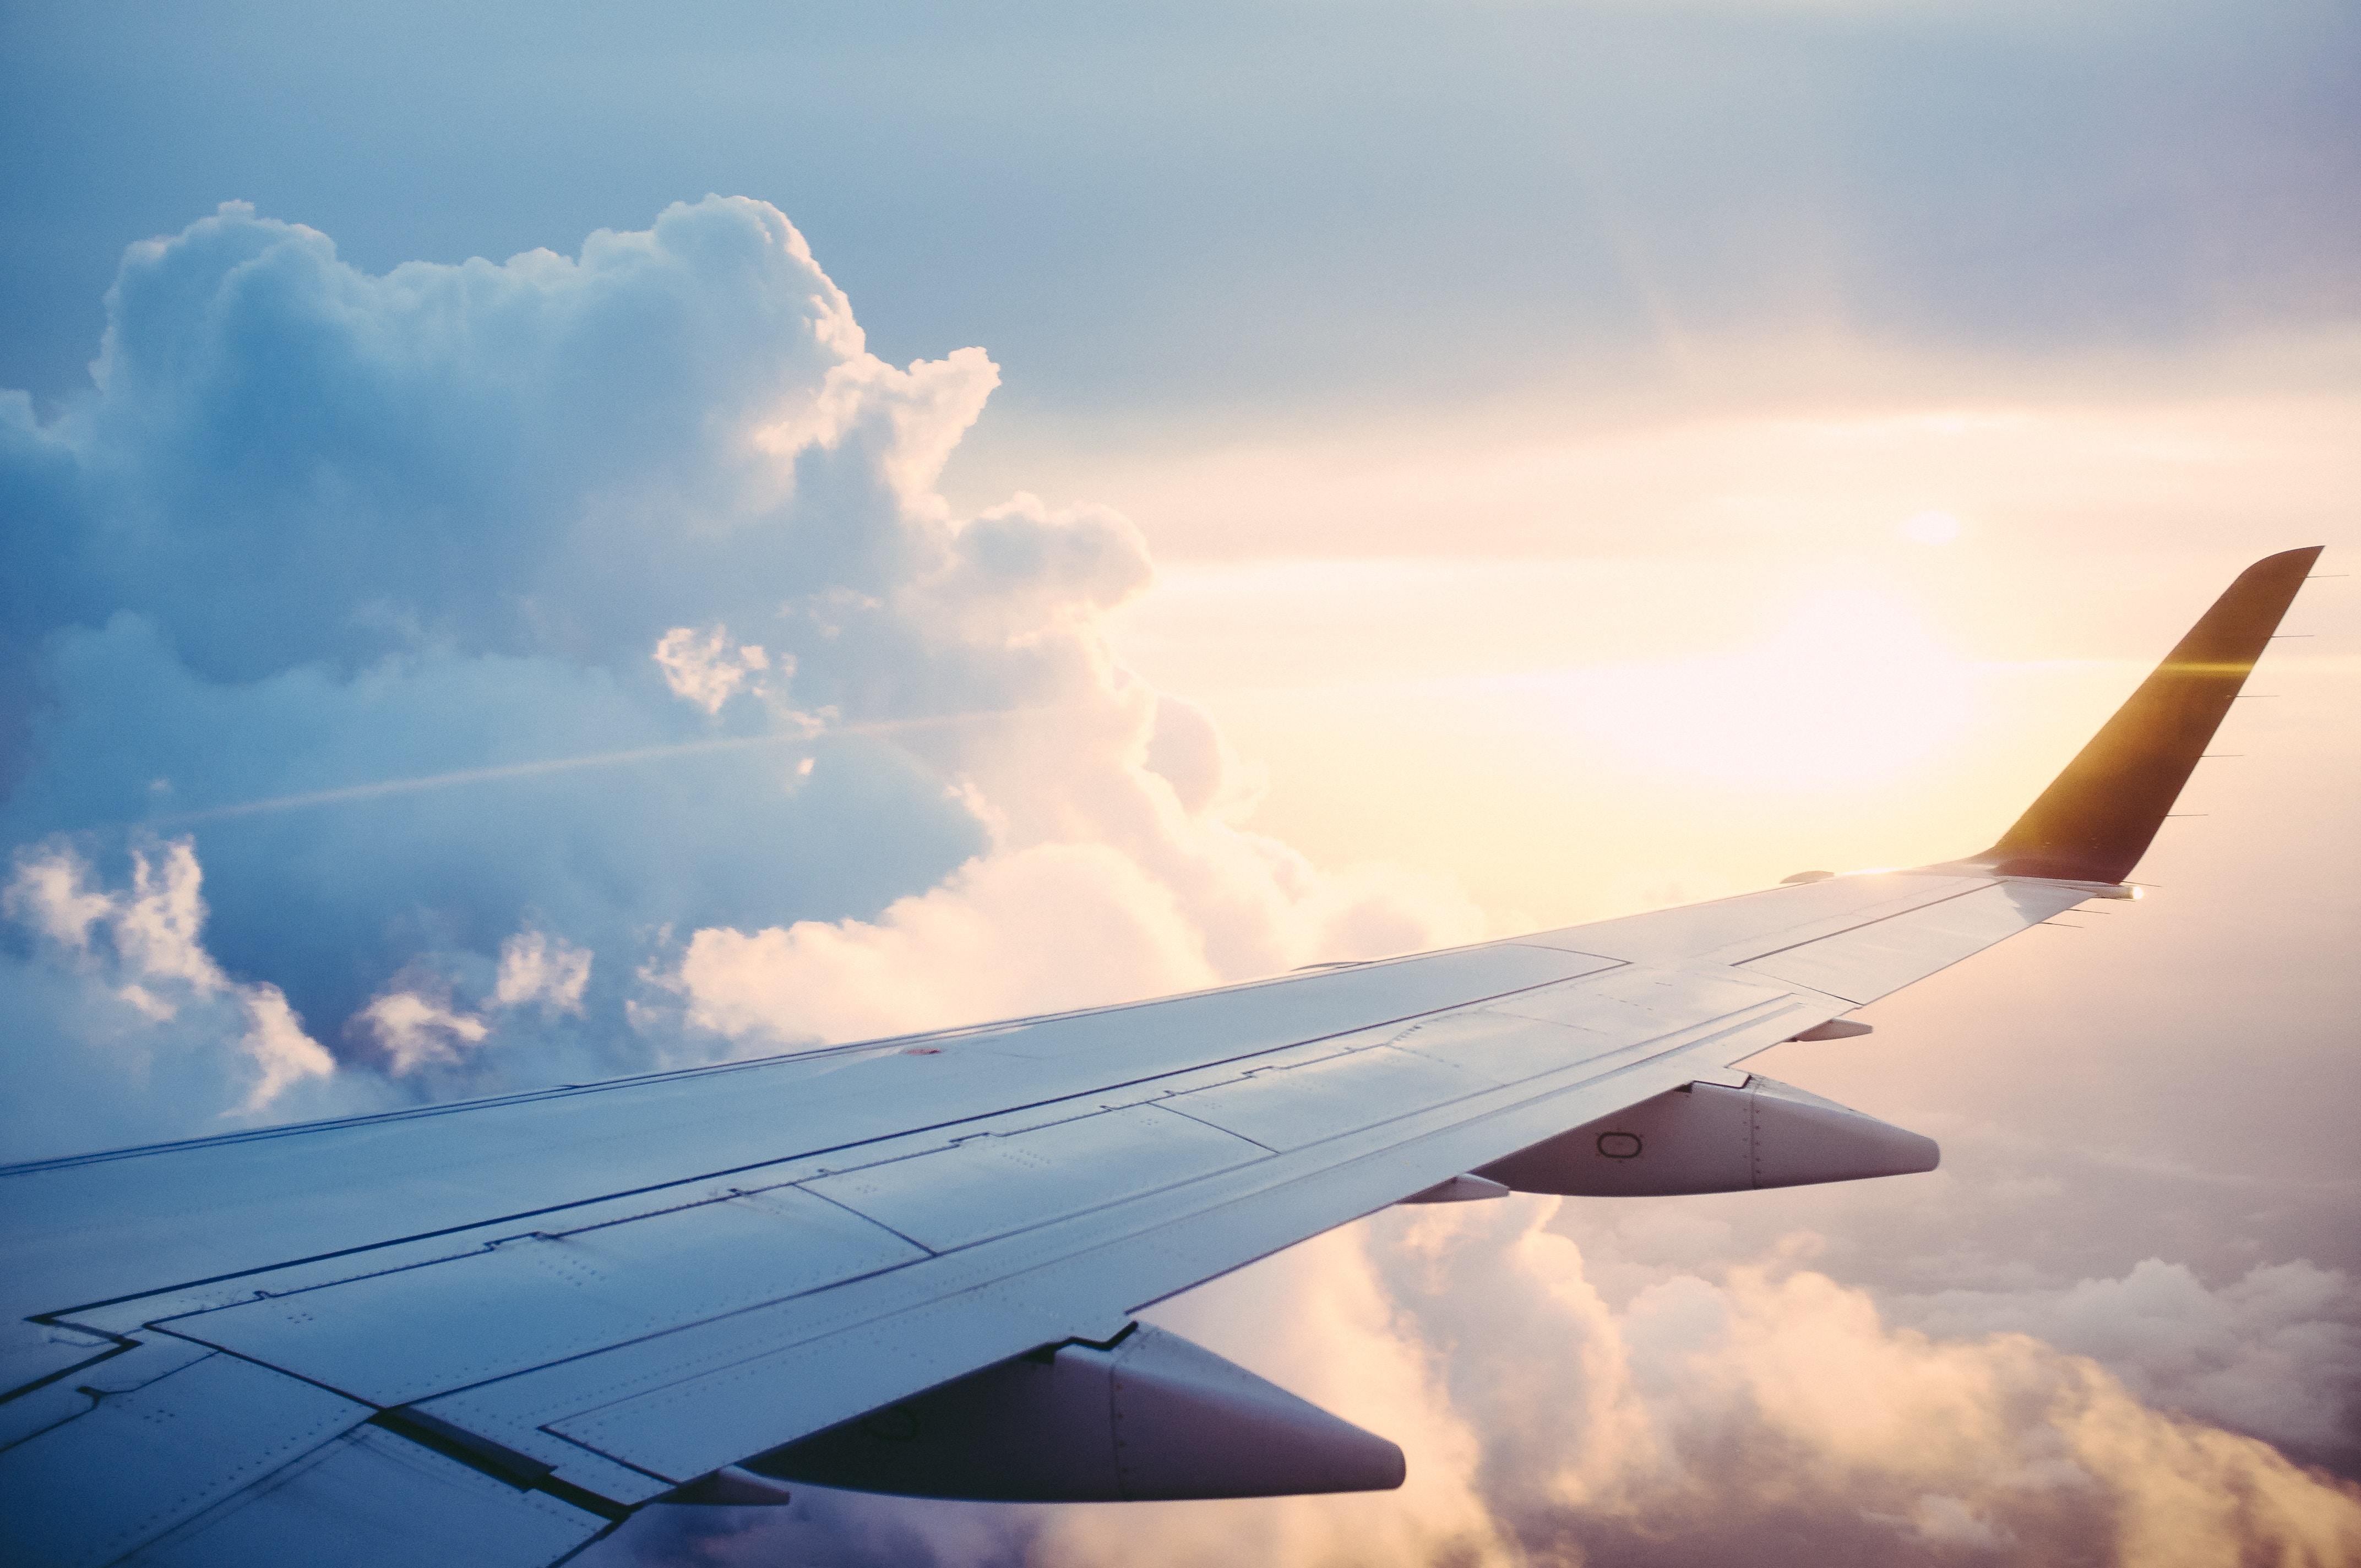 【空のMaaS】航空会社が取り組むシームレスな移動体験とは